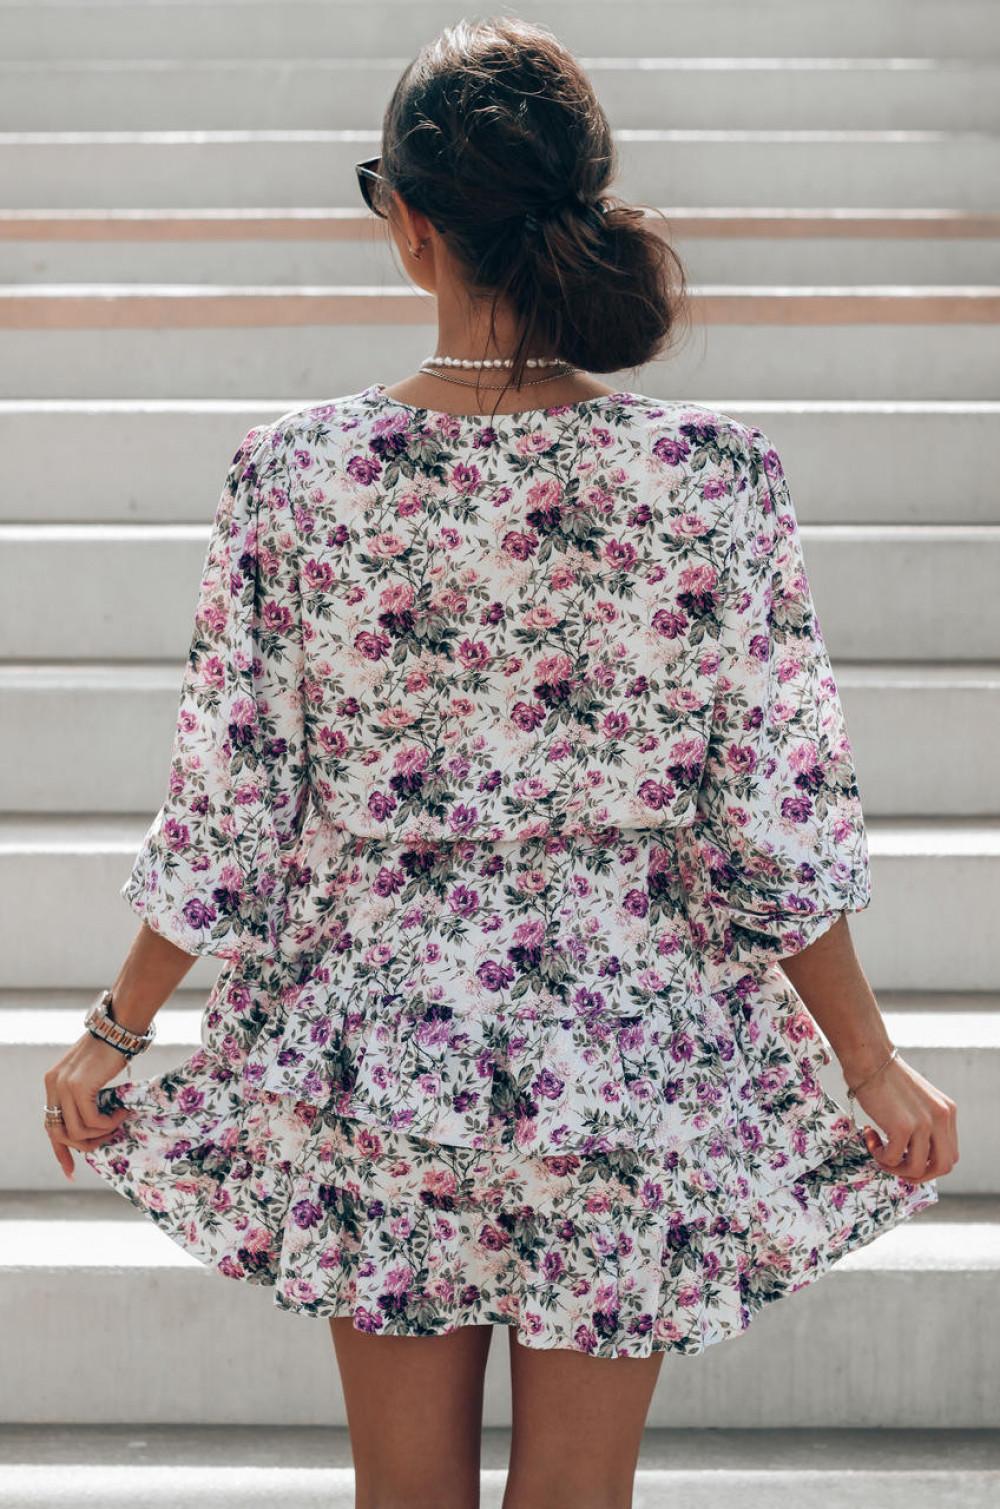 Fioletowo-zielona sukienka kwiatowa rozkloszowana z falbankami Abella 4